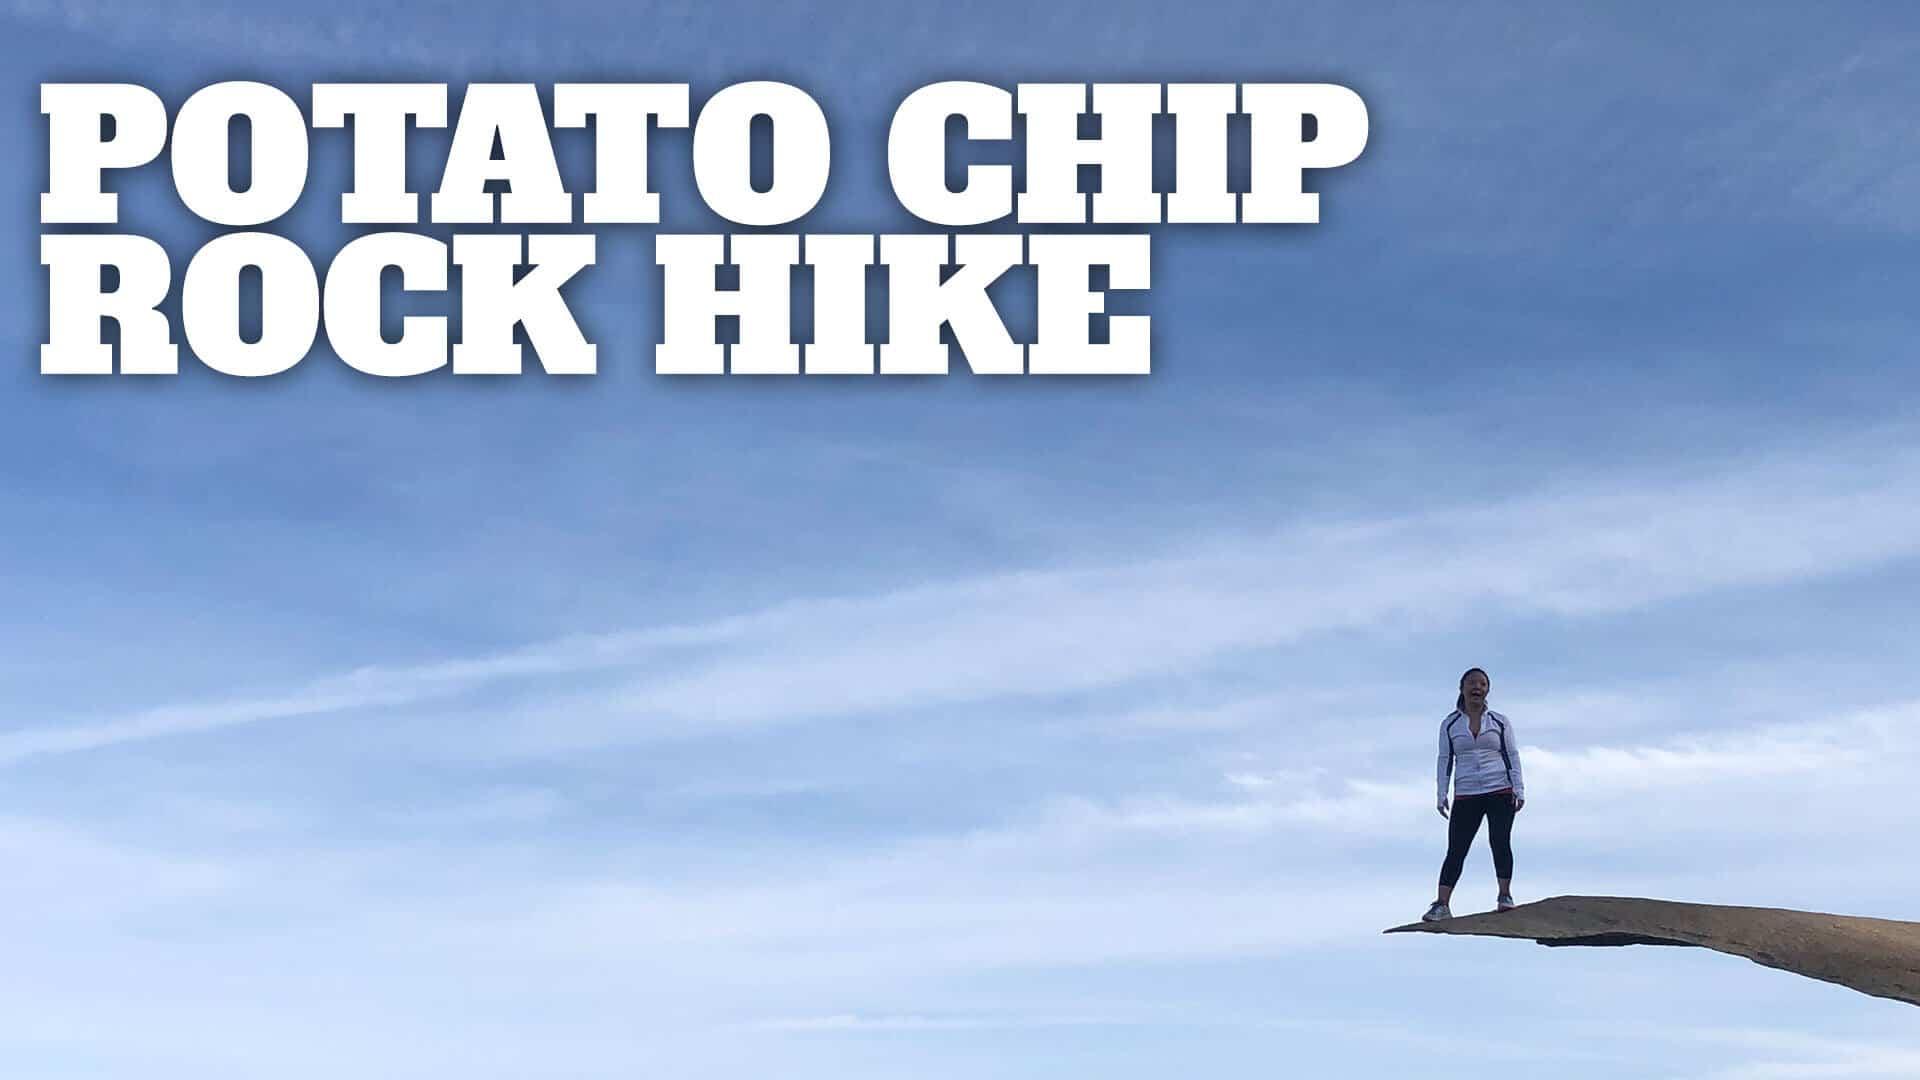 Best Way To Hike Potato Chip Rock (San Diego) - HikingGuy com